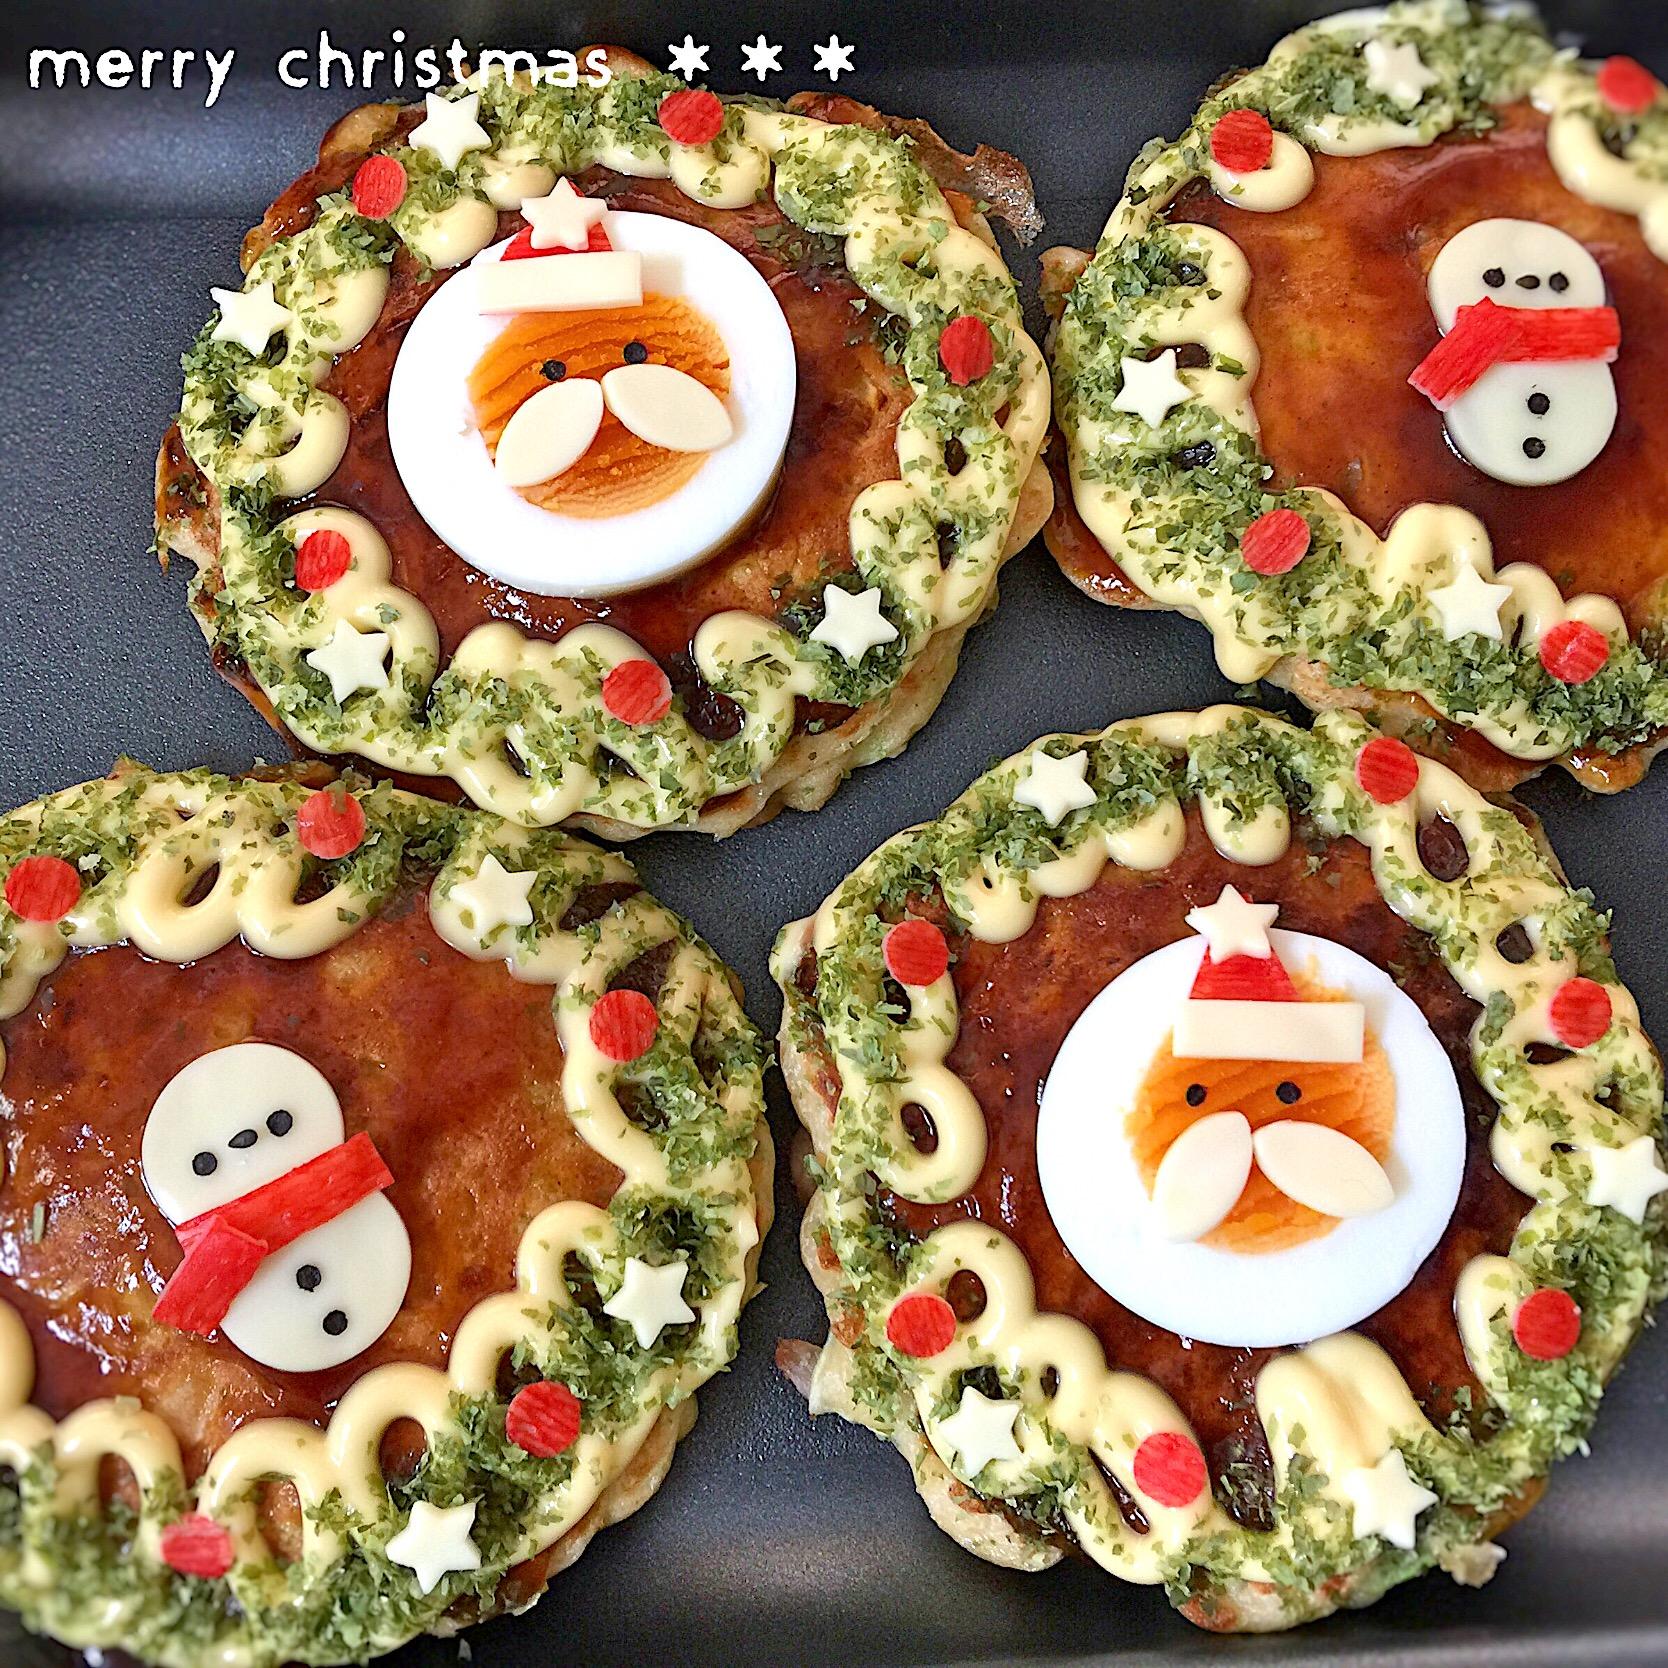 クリスマスランチ☆お好み焼きリース